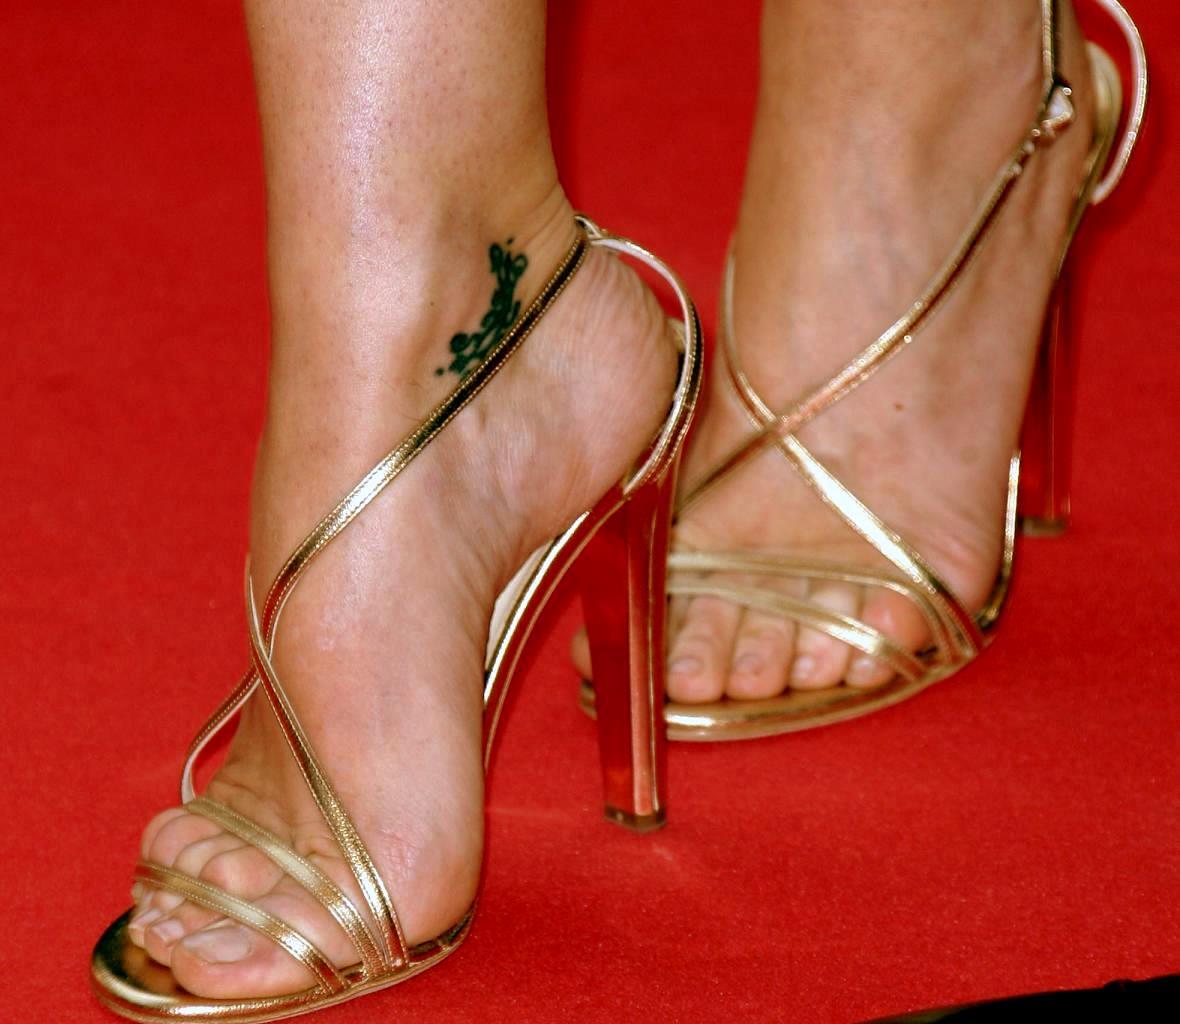 http://2.bp.blogspot.com/_UaLWp72nij4/S8i-NtfRitI/AAAAAAAAHng/sO4zgHR5LEI/s1600/gillian-anderson-feet-5.jpg